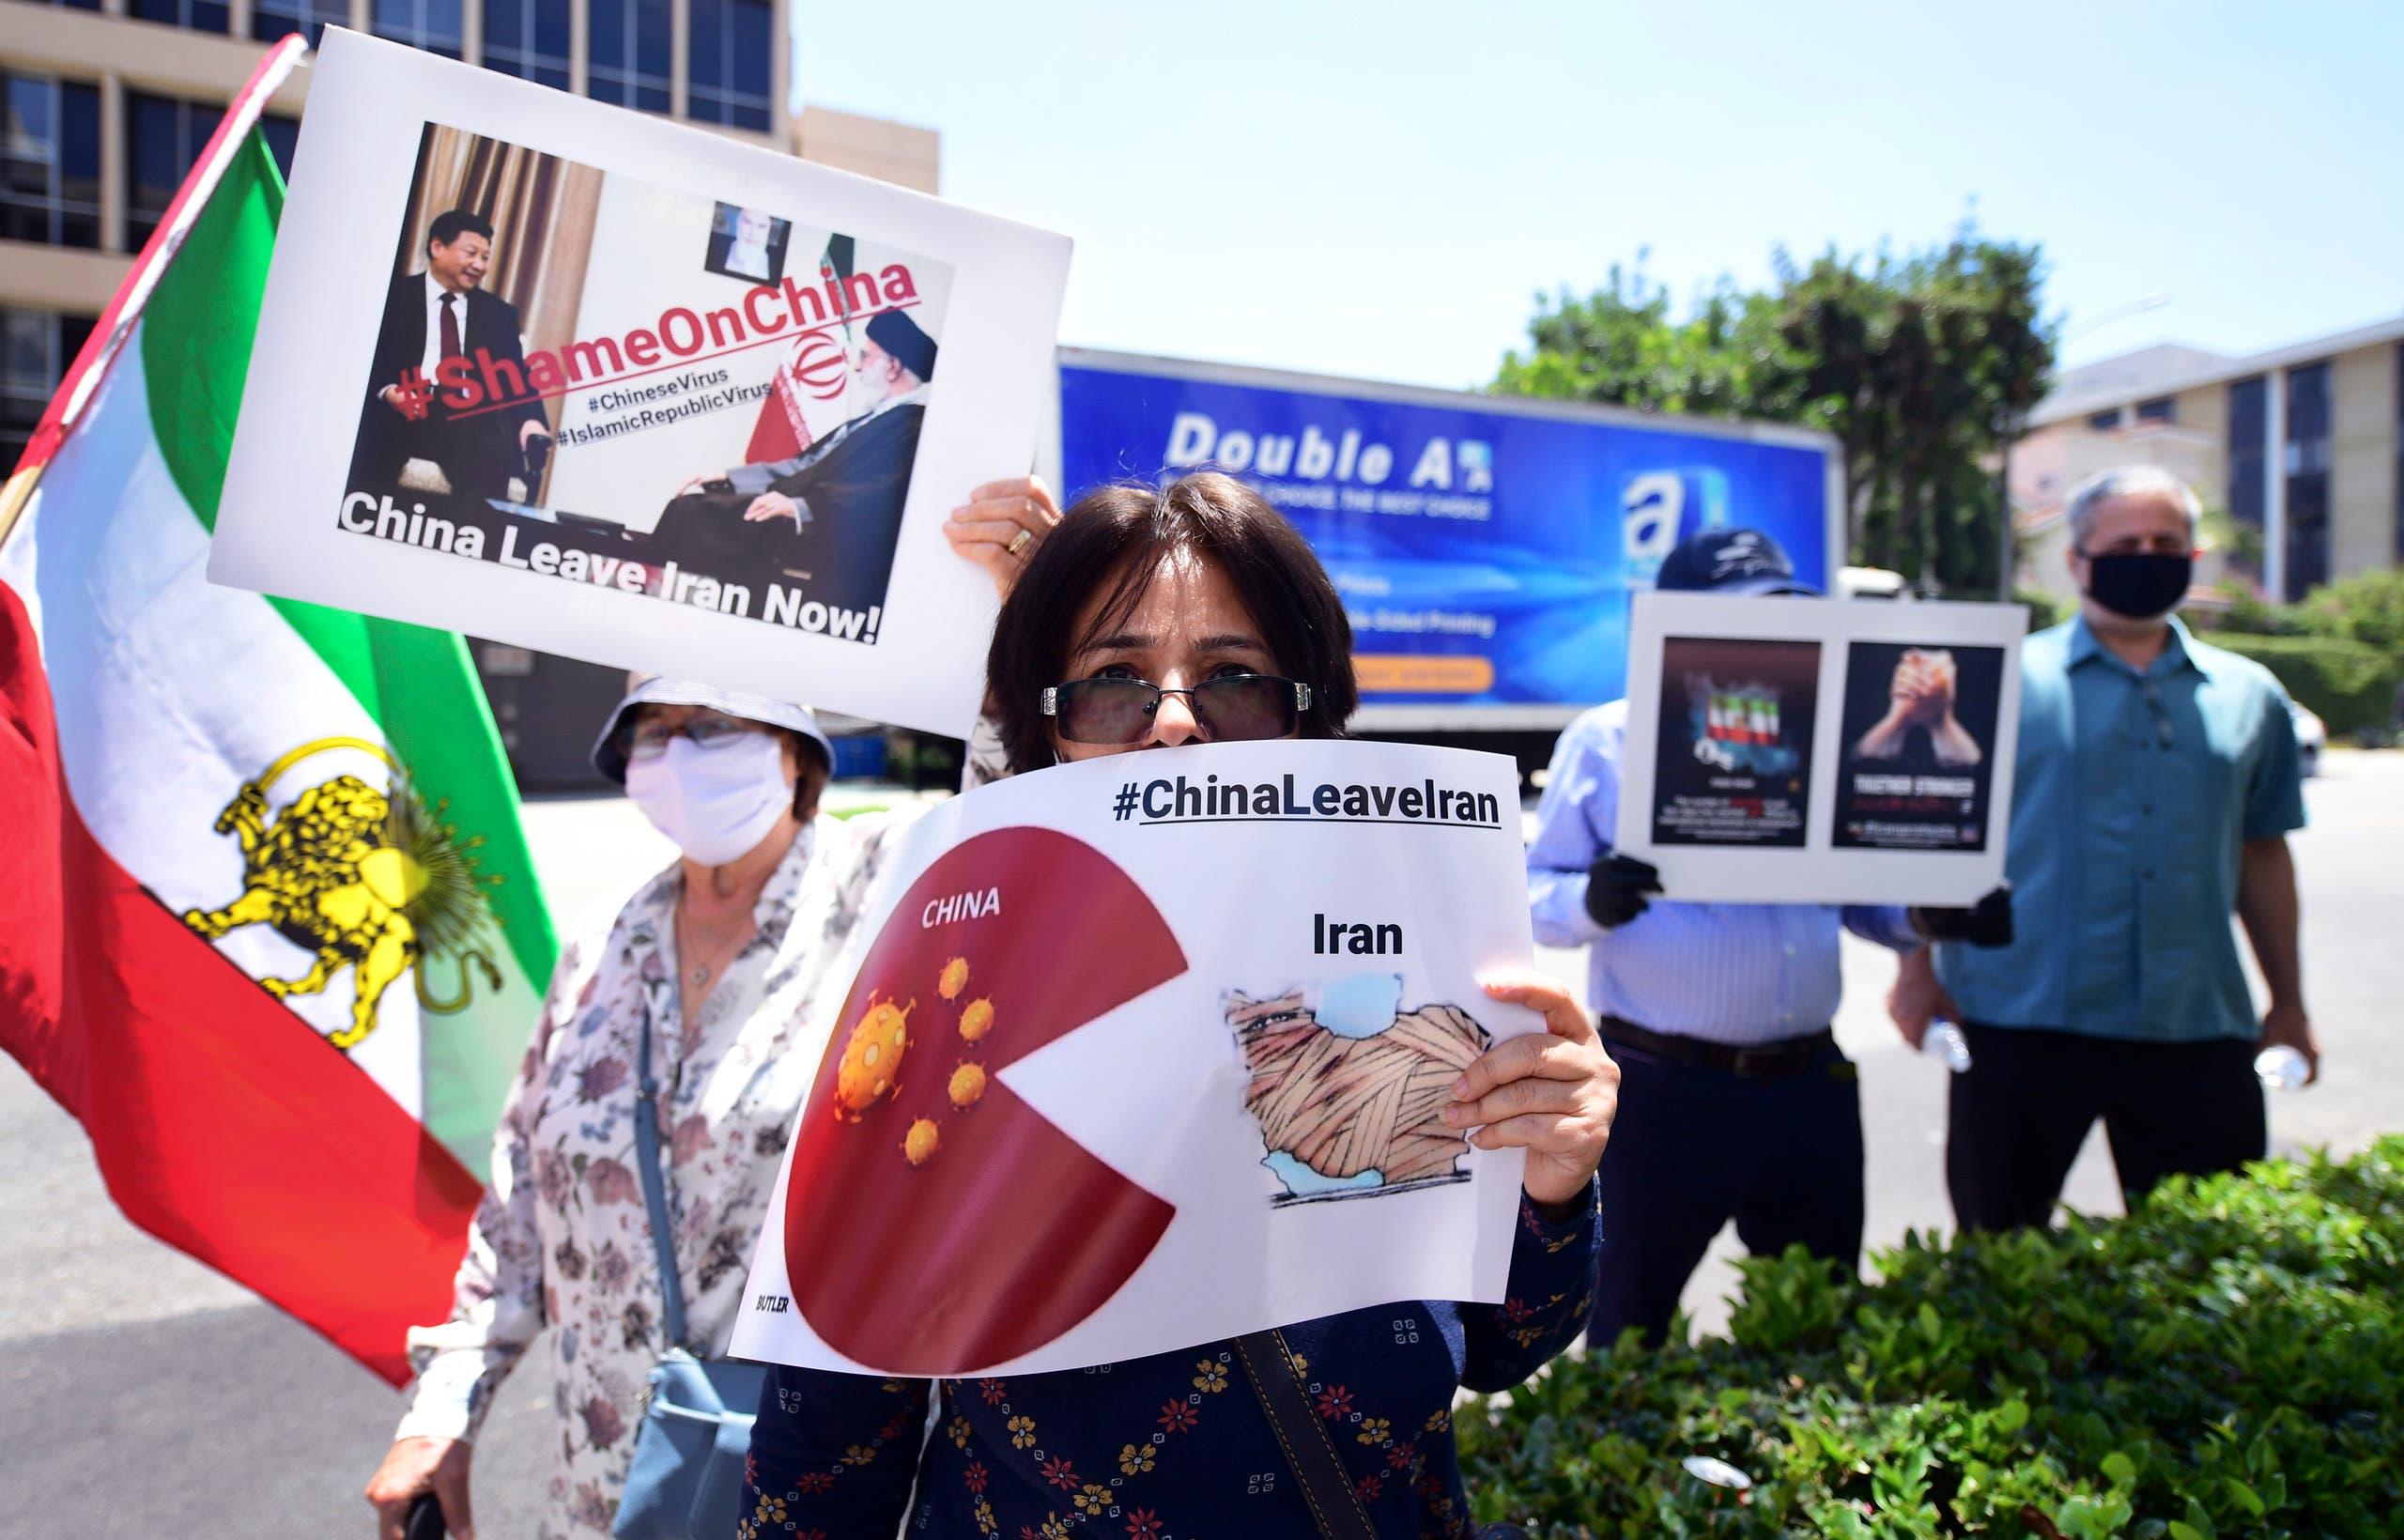 احتجاج على التعاون الإيراني الصيني أمام قنصلية الصين في لوس أنجلوس